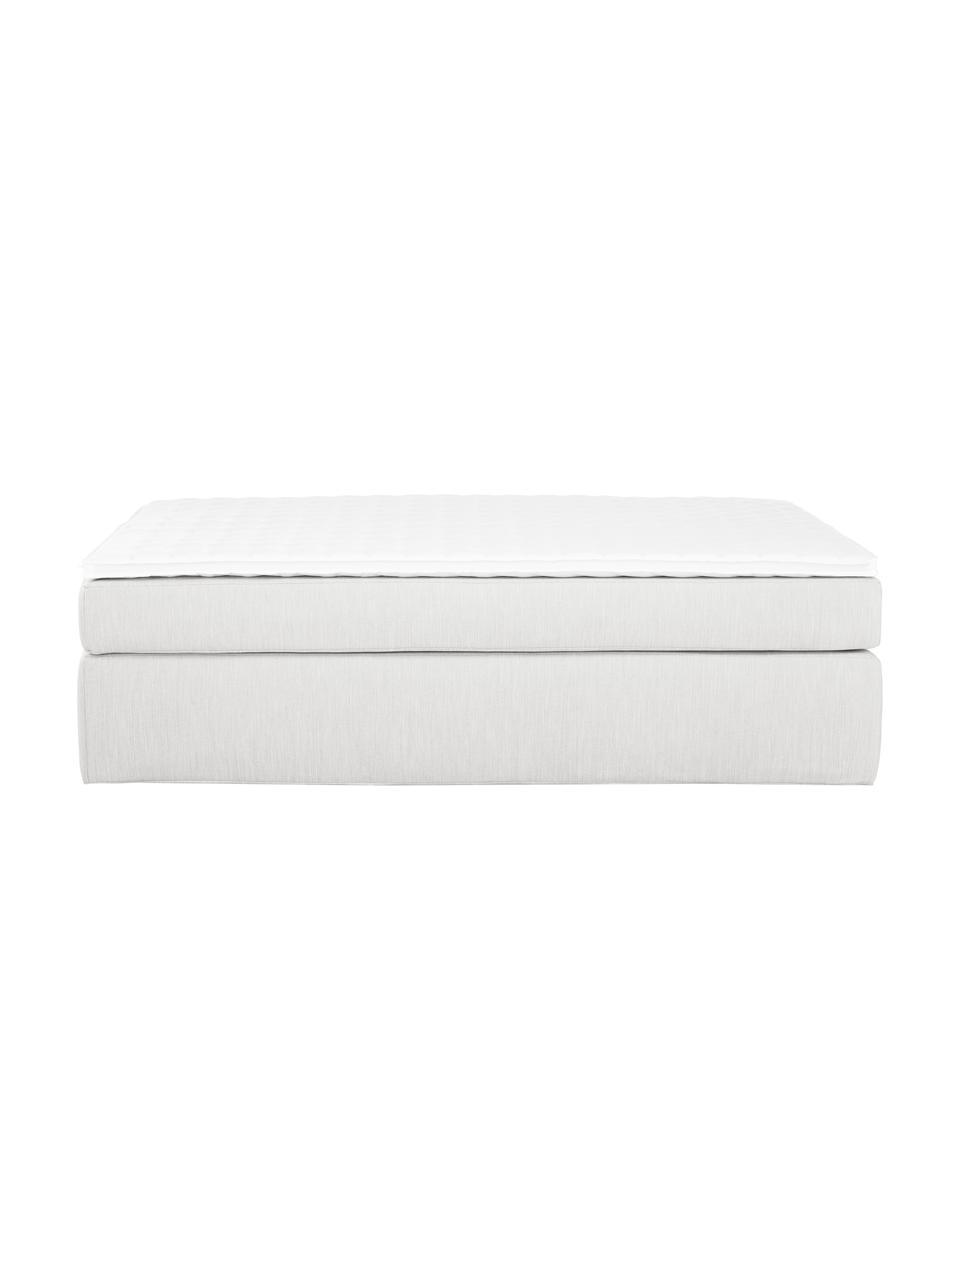 Letto boxspring in tessuto grigio chiaro Aries, Materasso: nucleo a 5 zone di molle , Piedini: plastica, Tessuto grigio chiaro, 200 x 200 cm